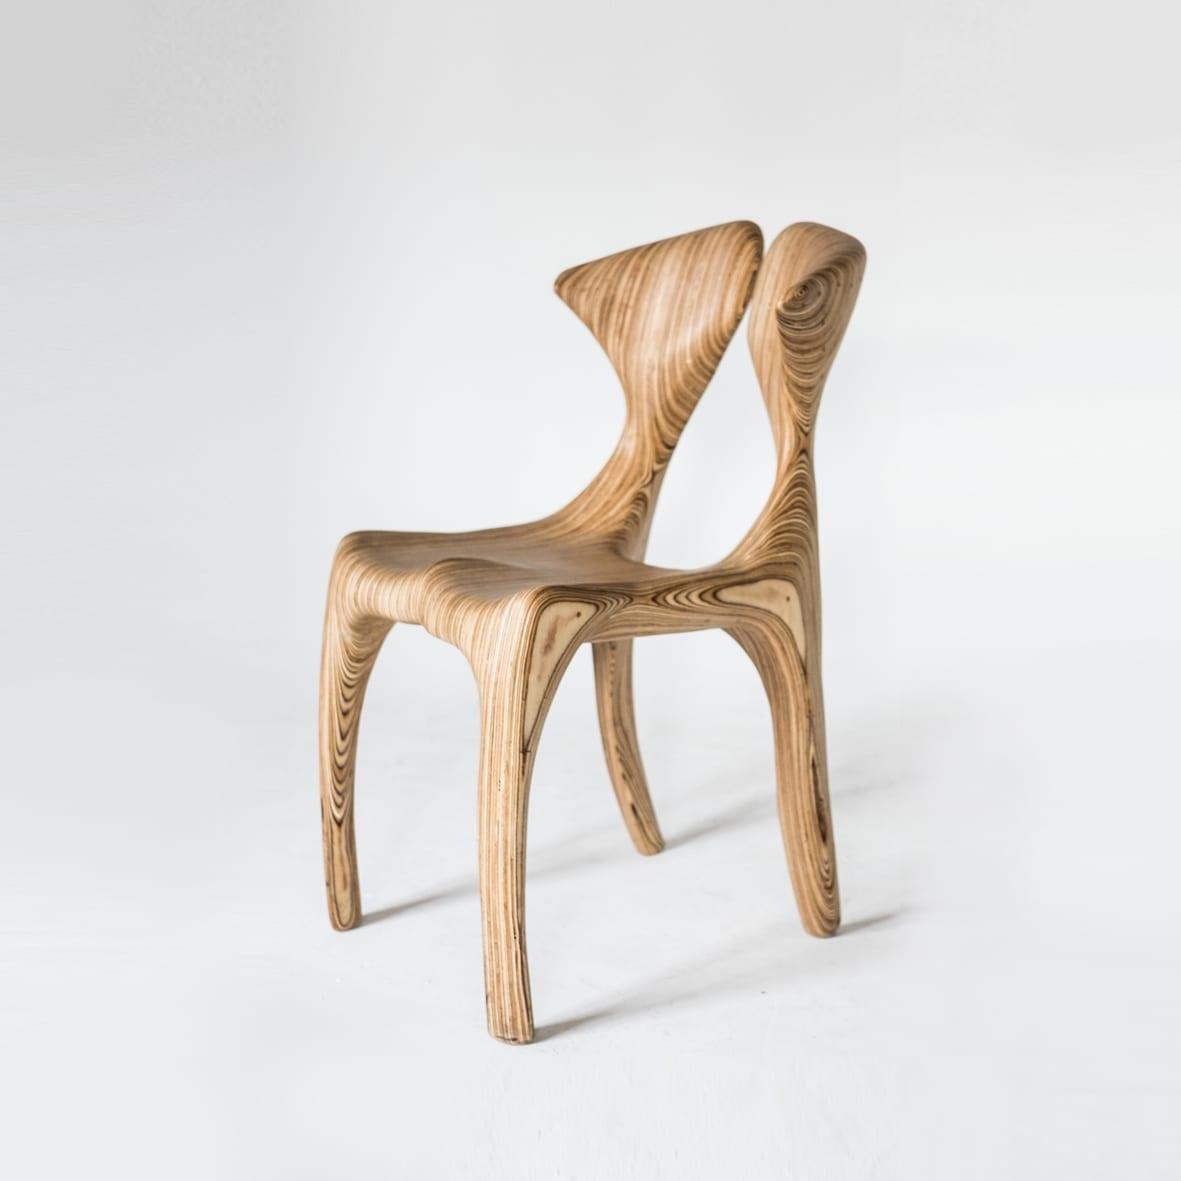 dune_chair_01_cyryl_zakrzewski_pop